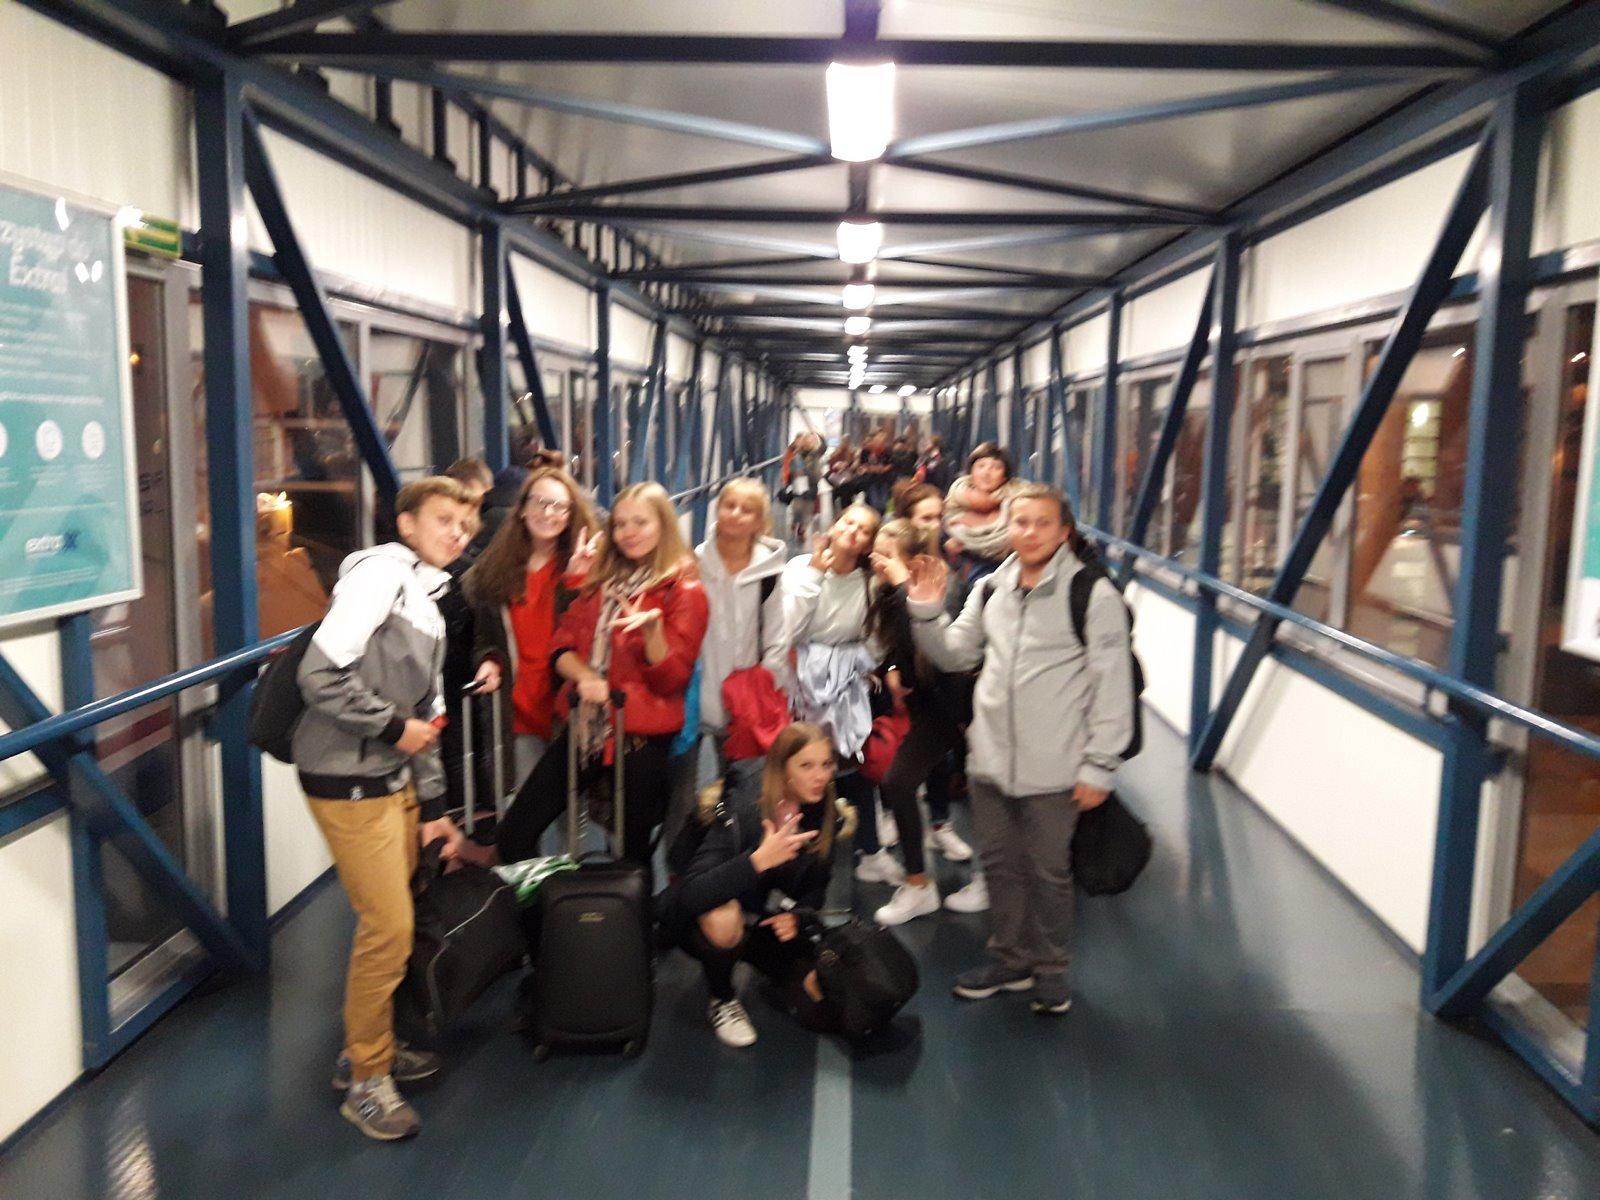 Fotoleracja z wycieczki promem do Szwecji